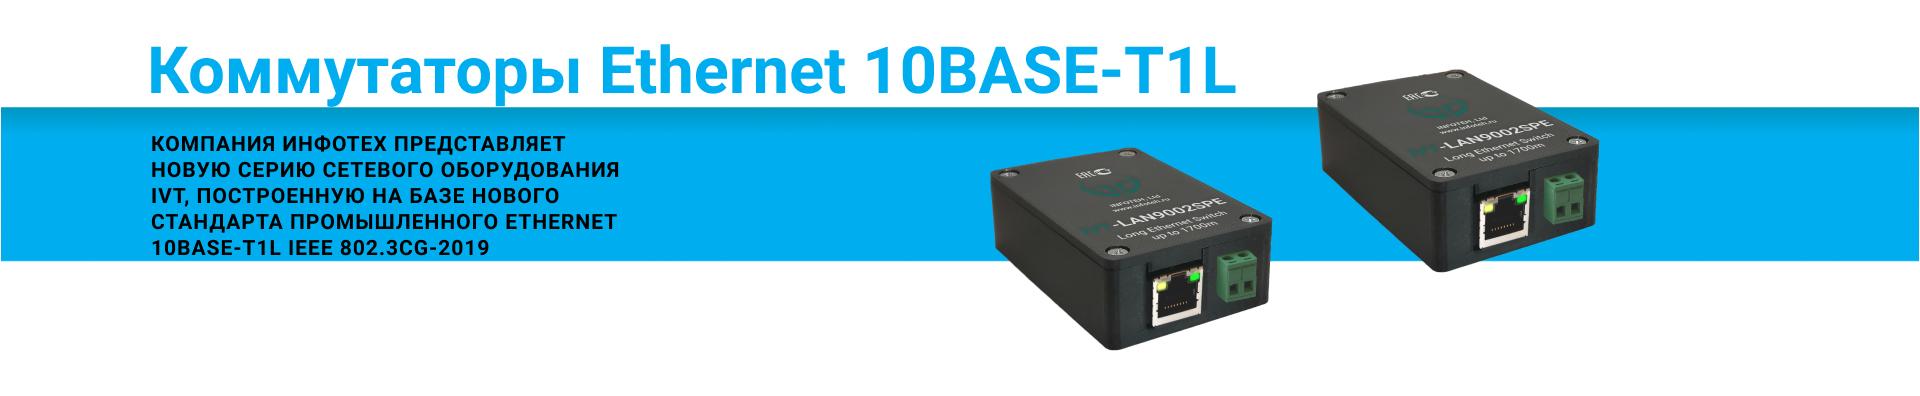 2-портовый коммутатор Ethernet 10BASE-T1L